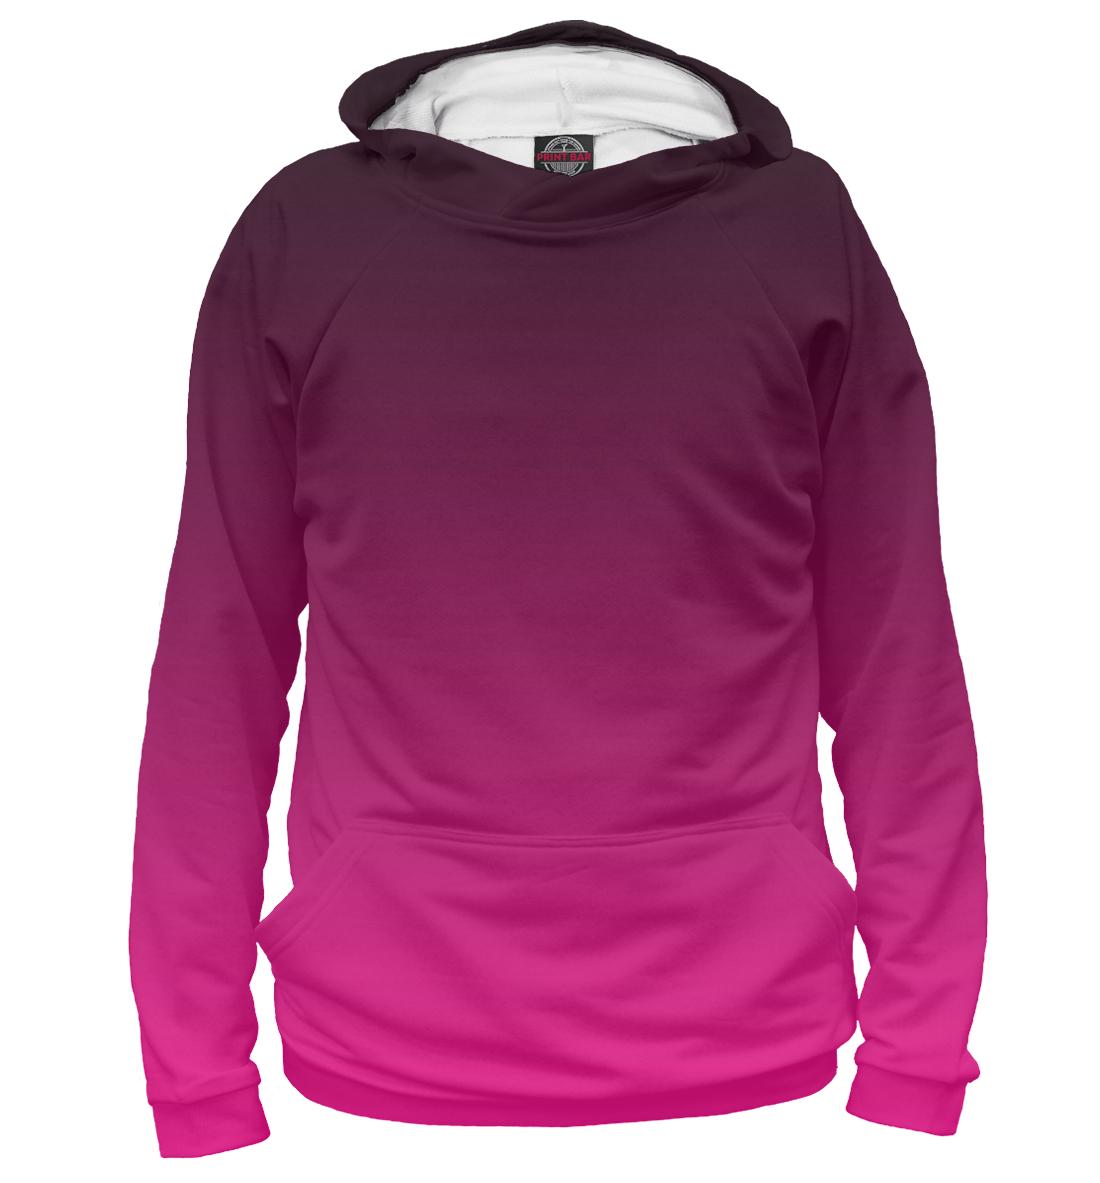 Градиент Розовый в Черный, Printbar, Худи, CLR-560218-hud-1  - купить со скидкой